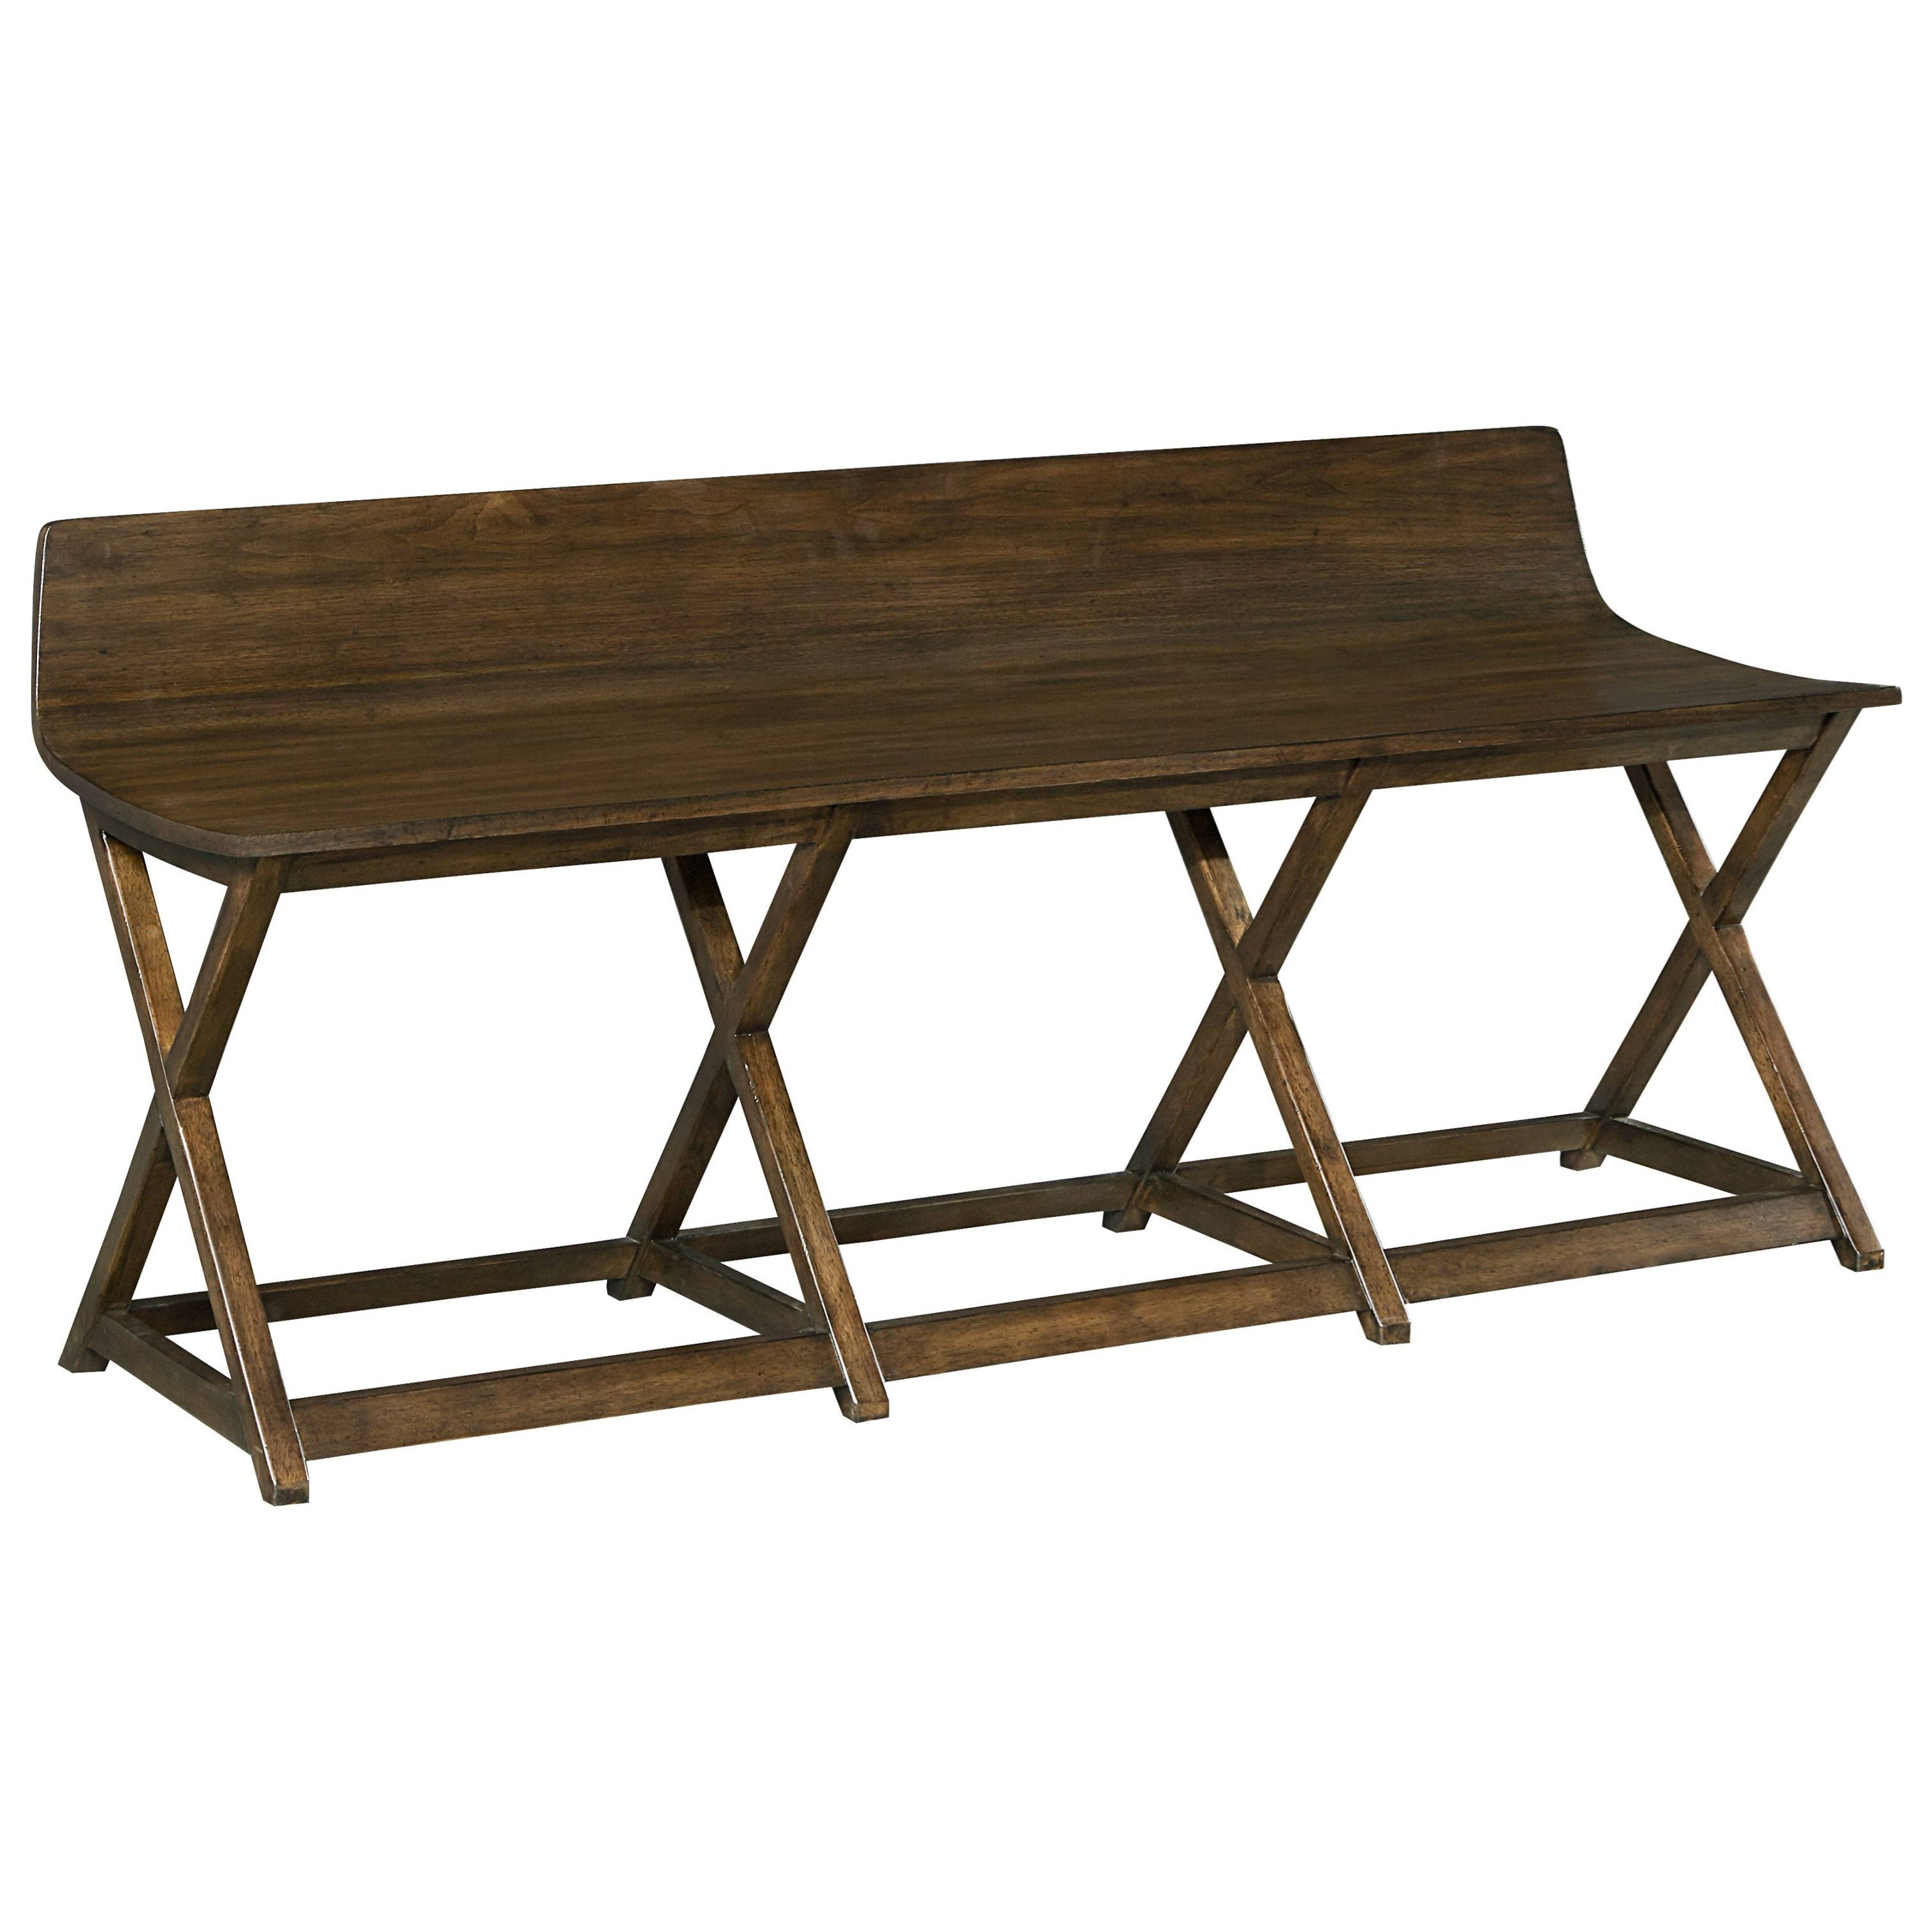 Stanley Furniture Santa Clara Bed End Bench - Item Number: 585-13-72